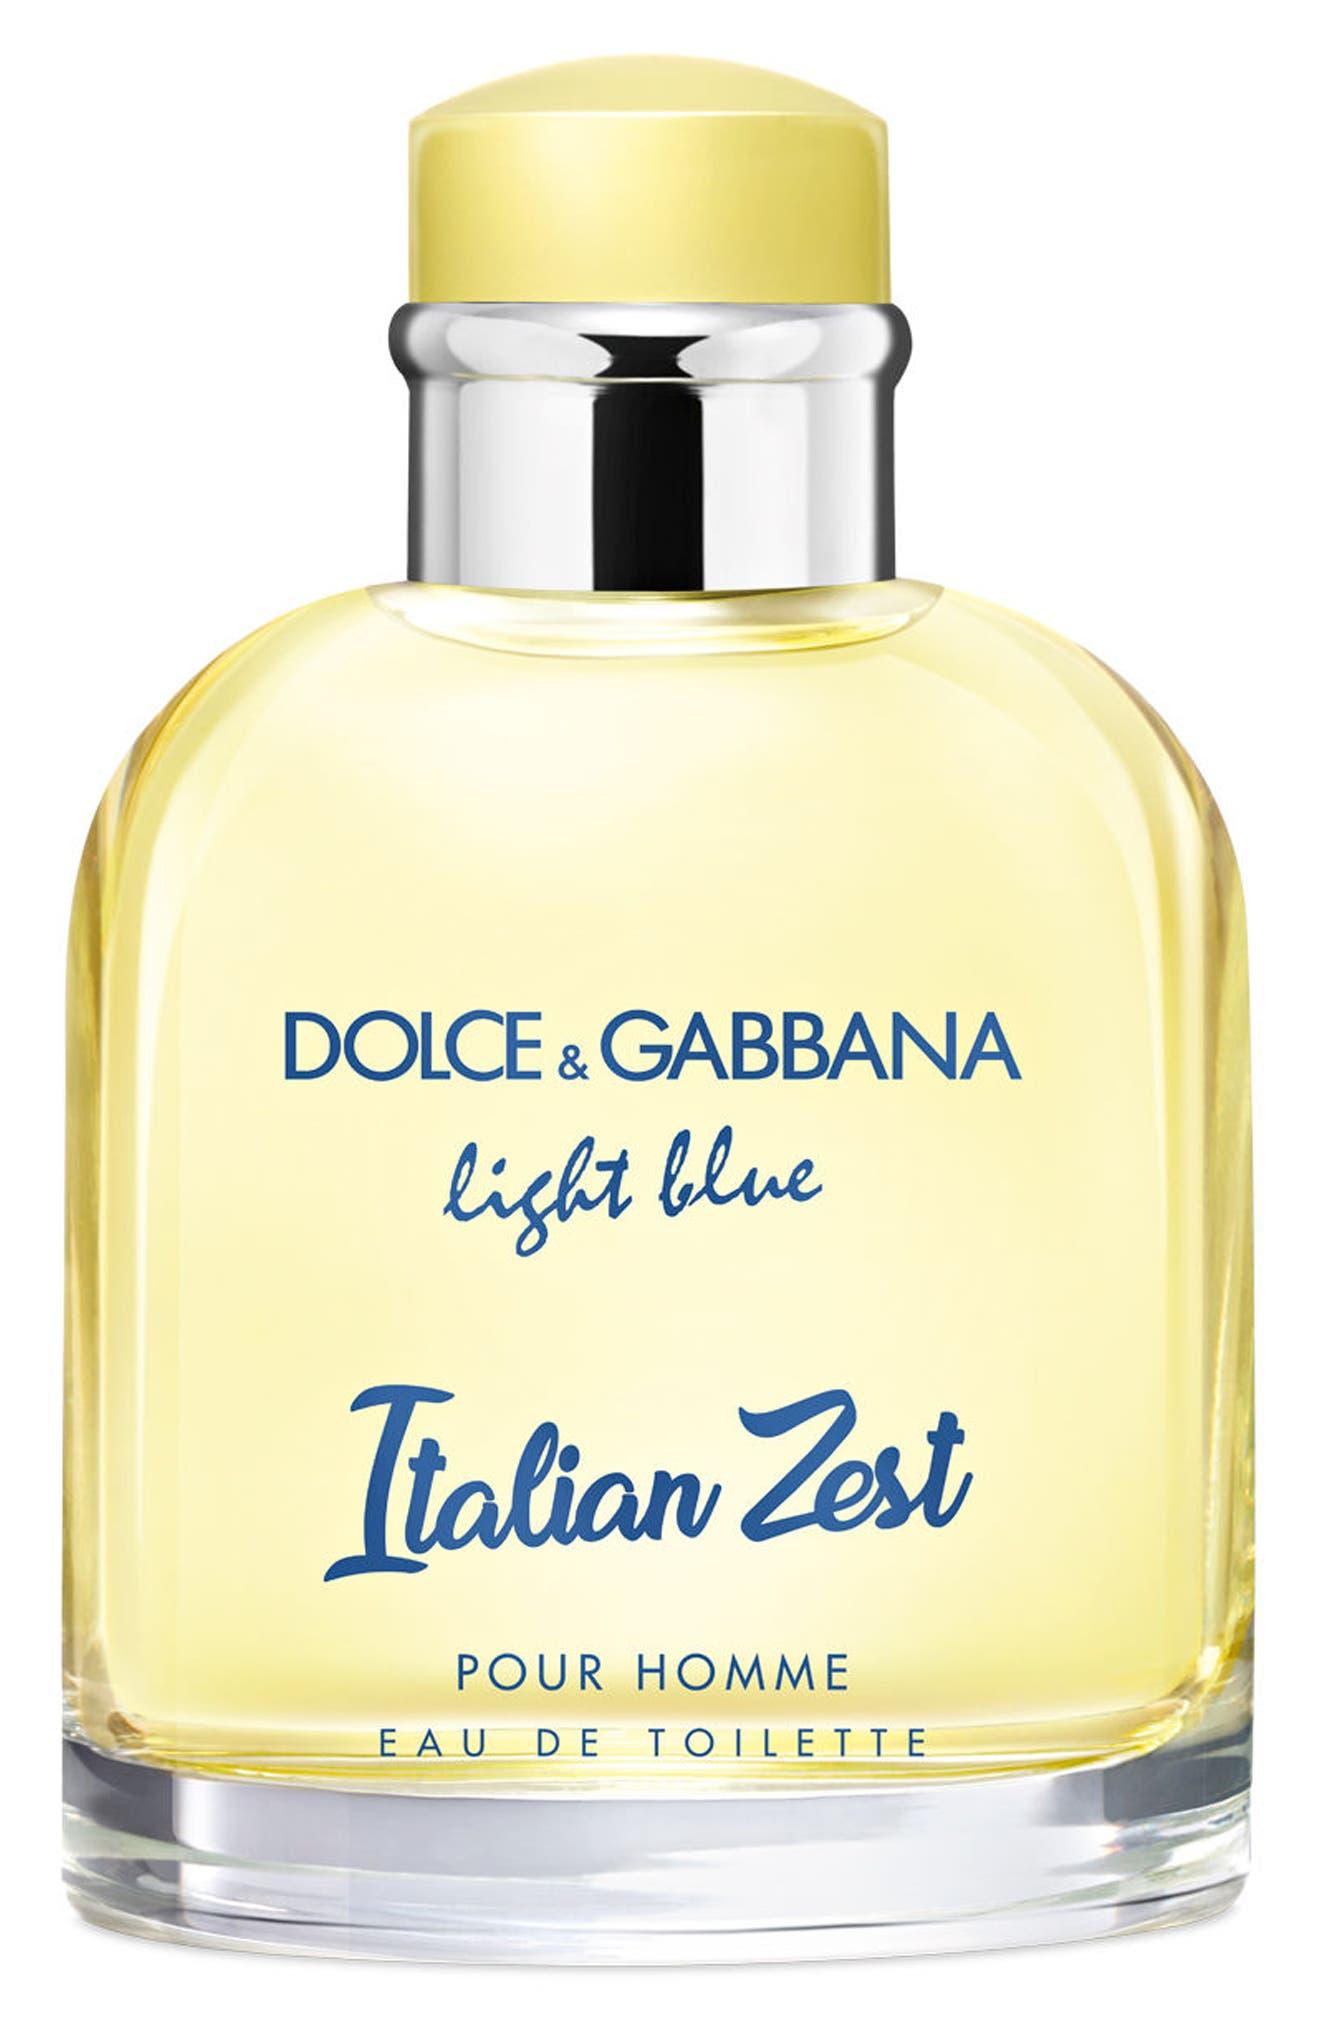 Dolce&Gabbana Light Blue Italian Zest pour Homme Eau de Toilette (Limited Edition)